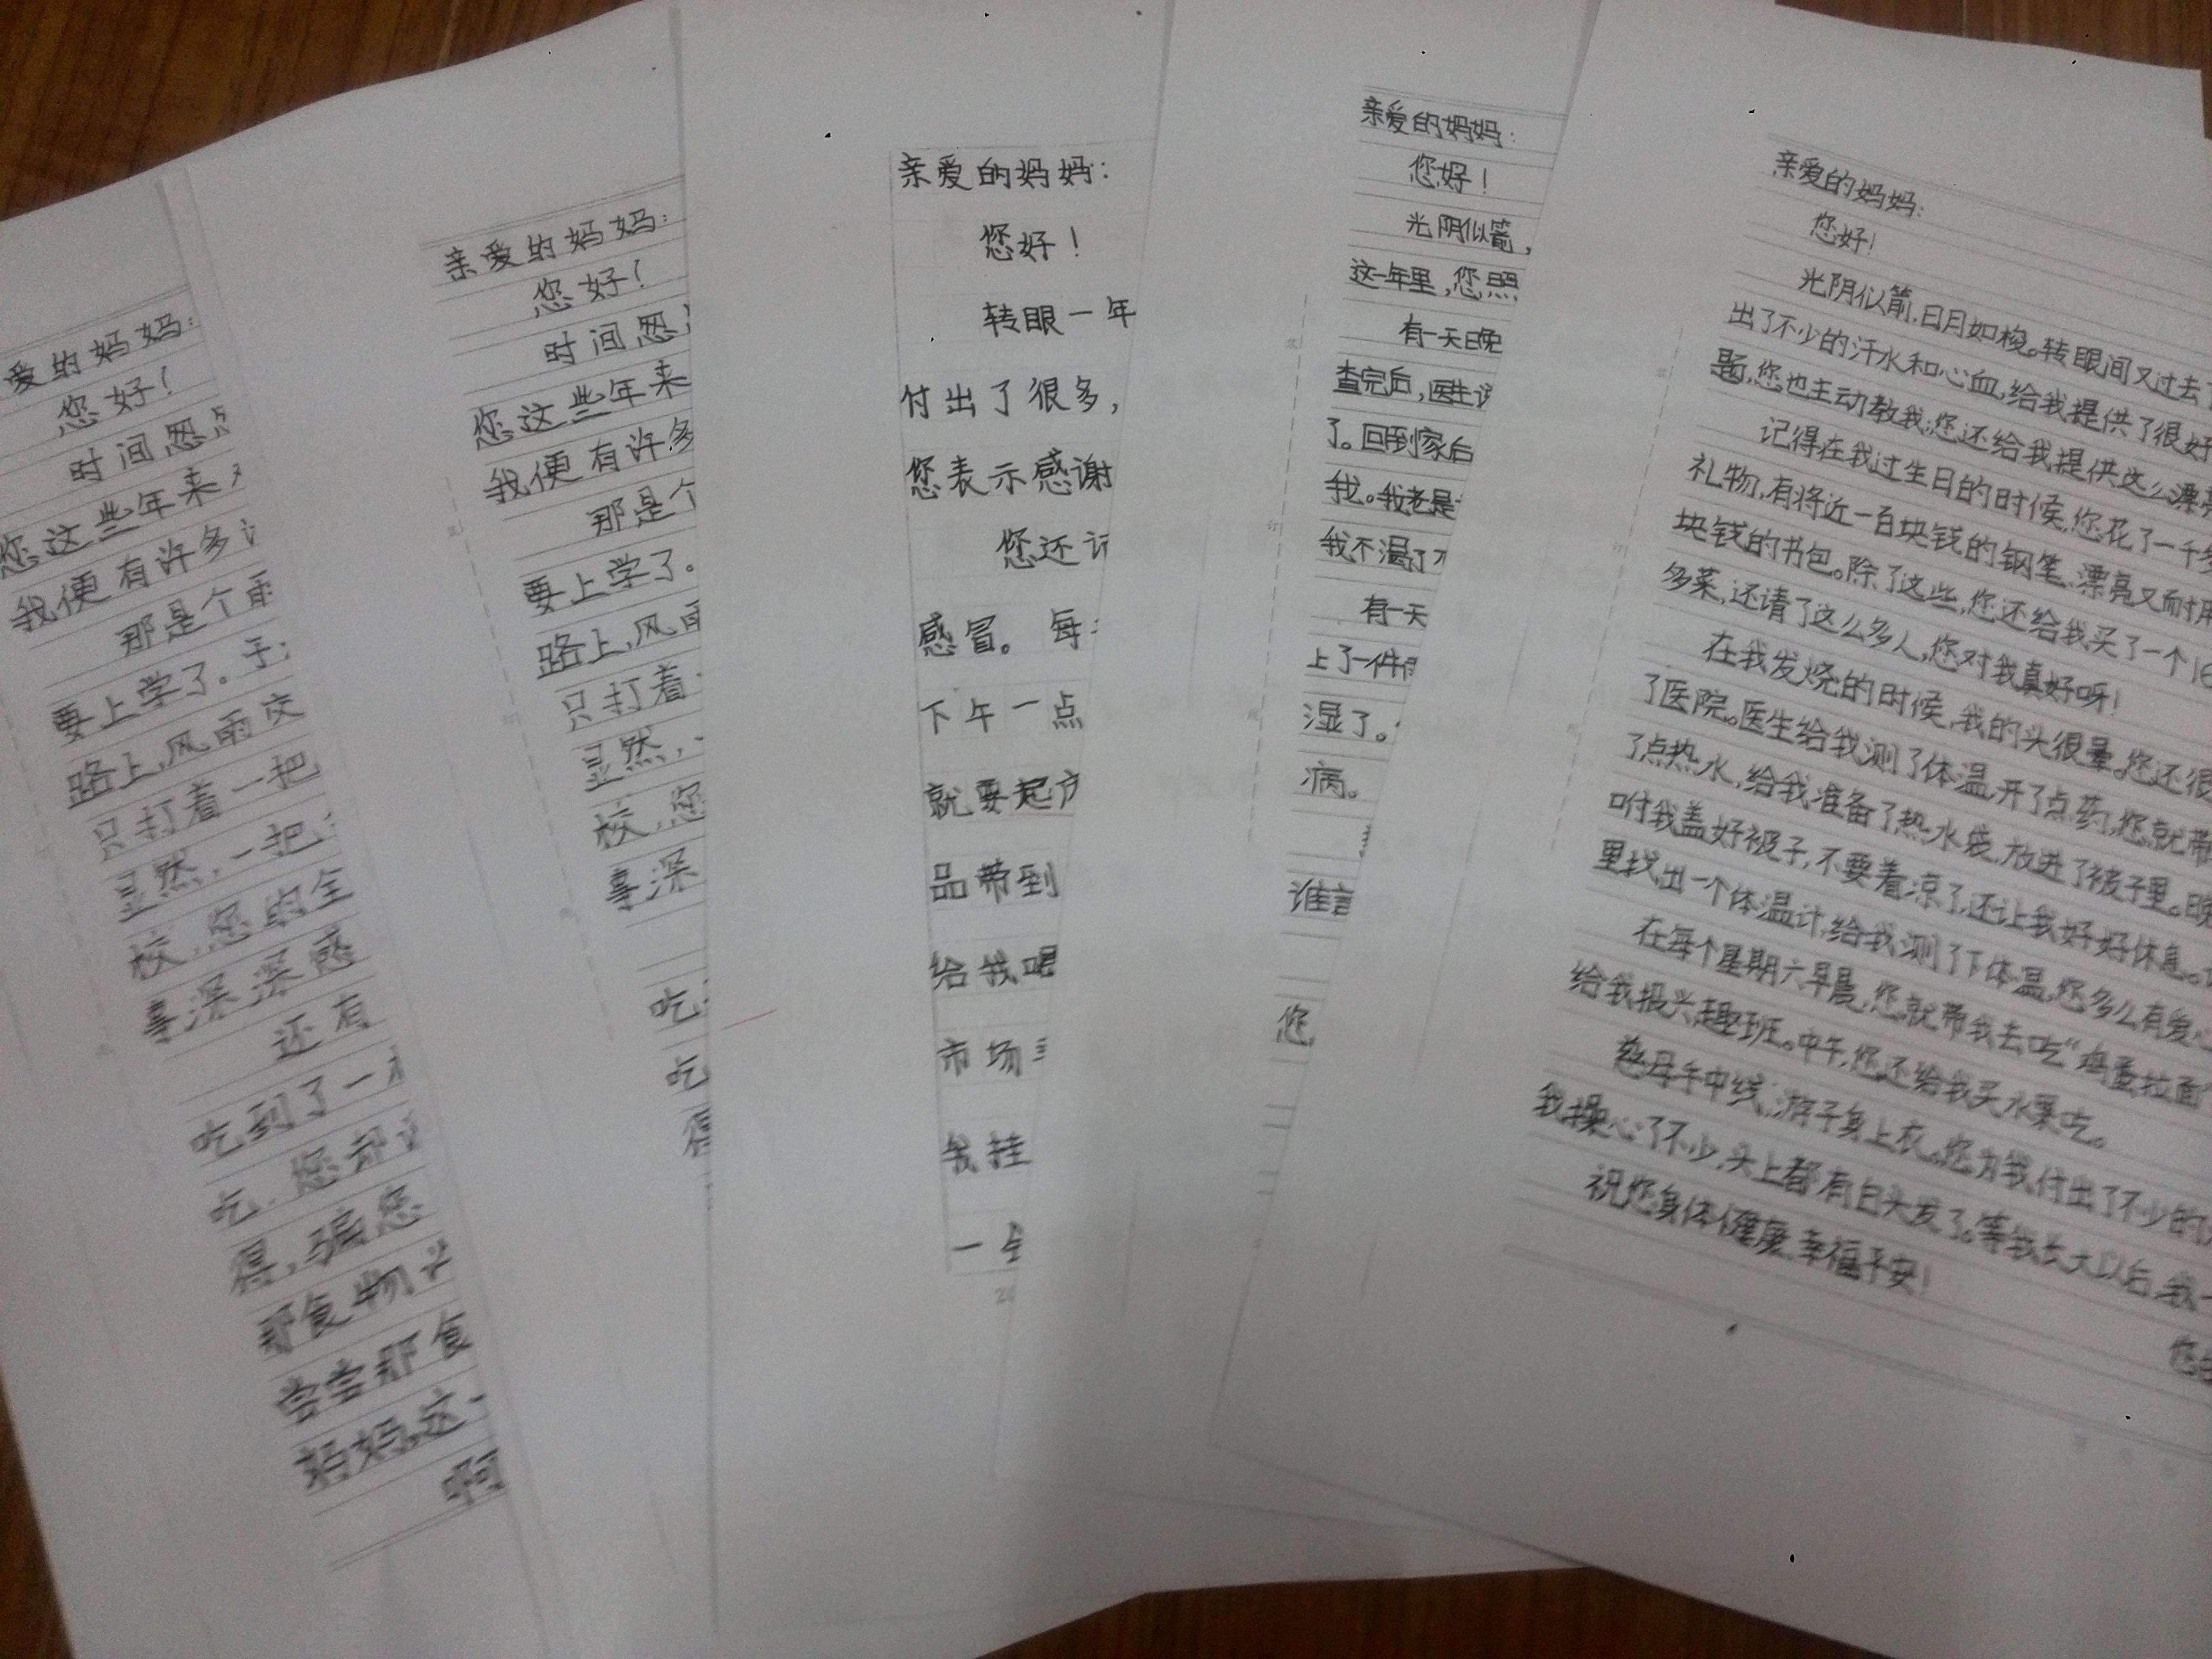 感恩老师的作文400_以感恩教师为题的书信格式作文,急!!!400到600字-